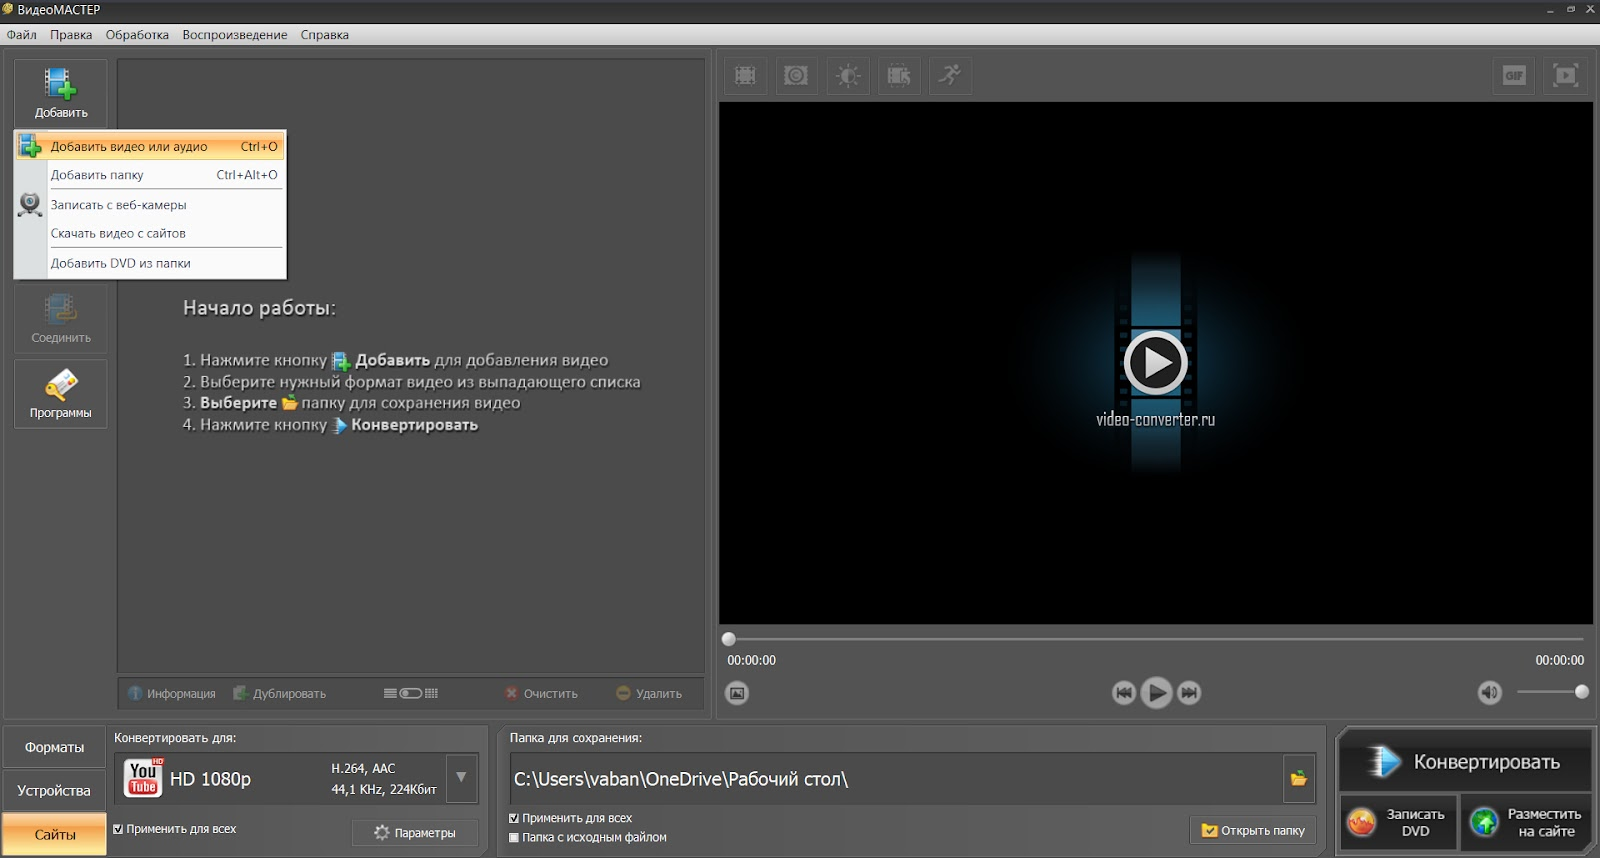 Как разделить видео на 2 части на компьютере?